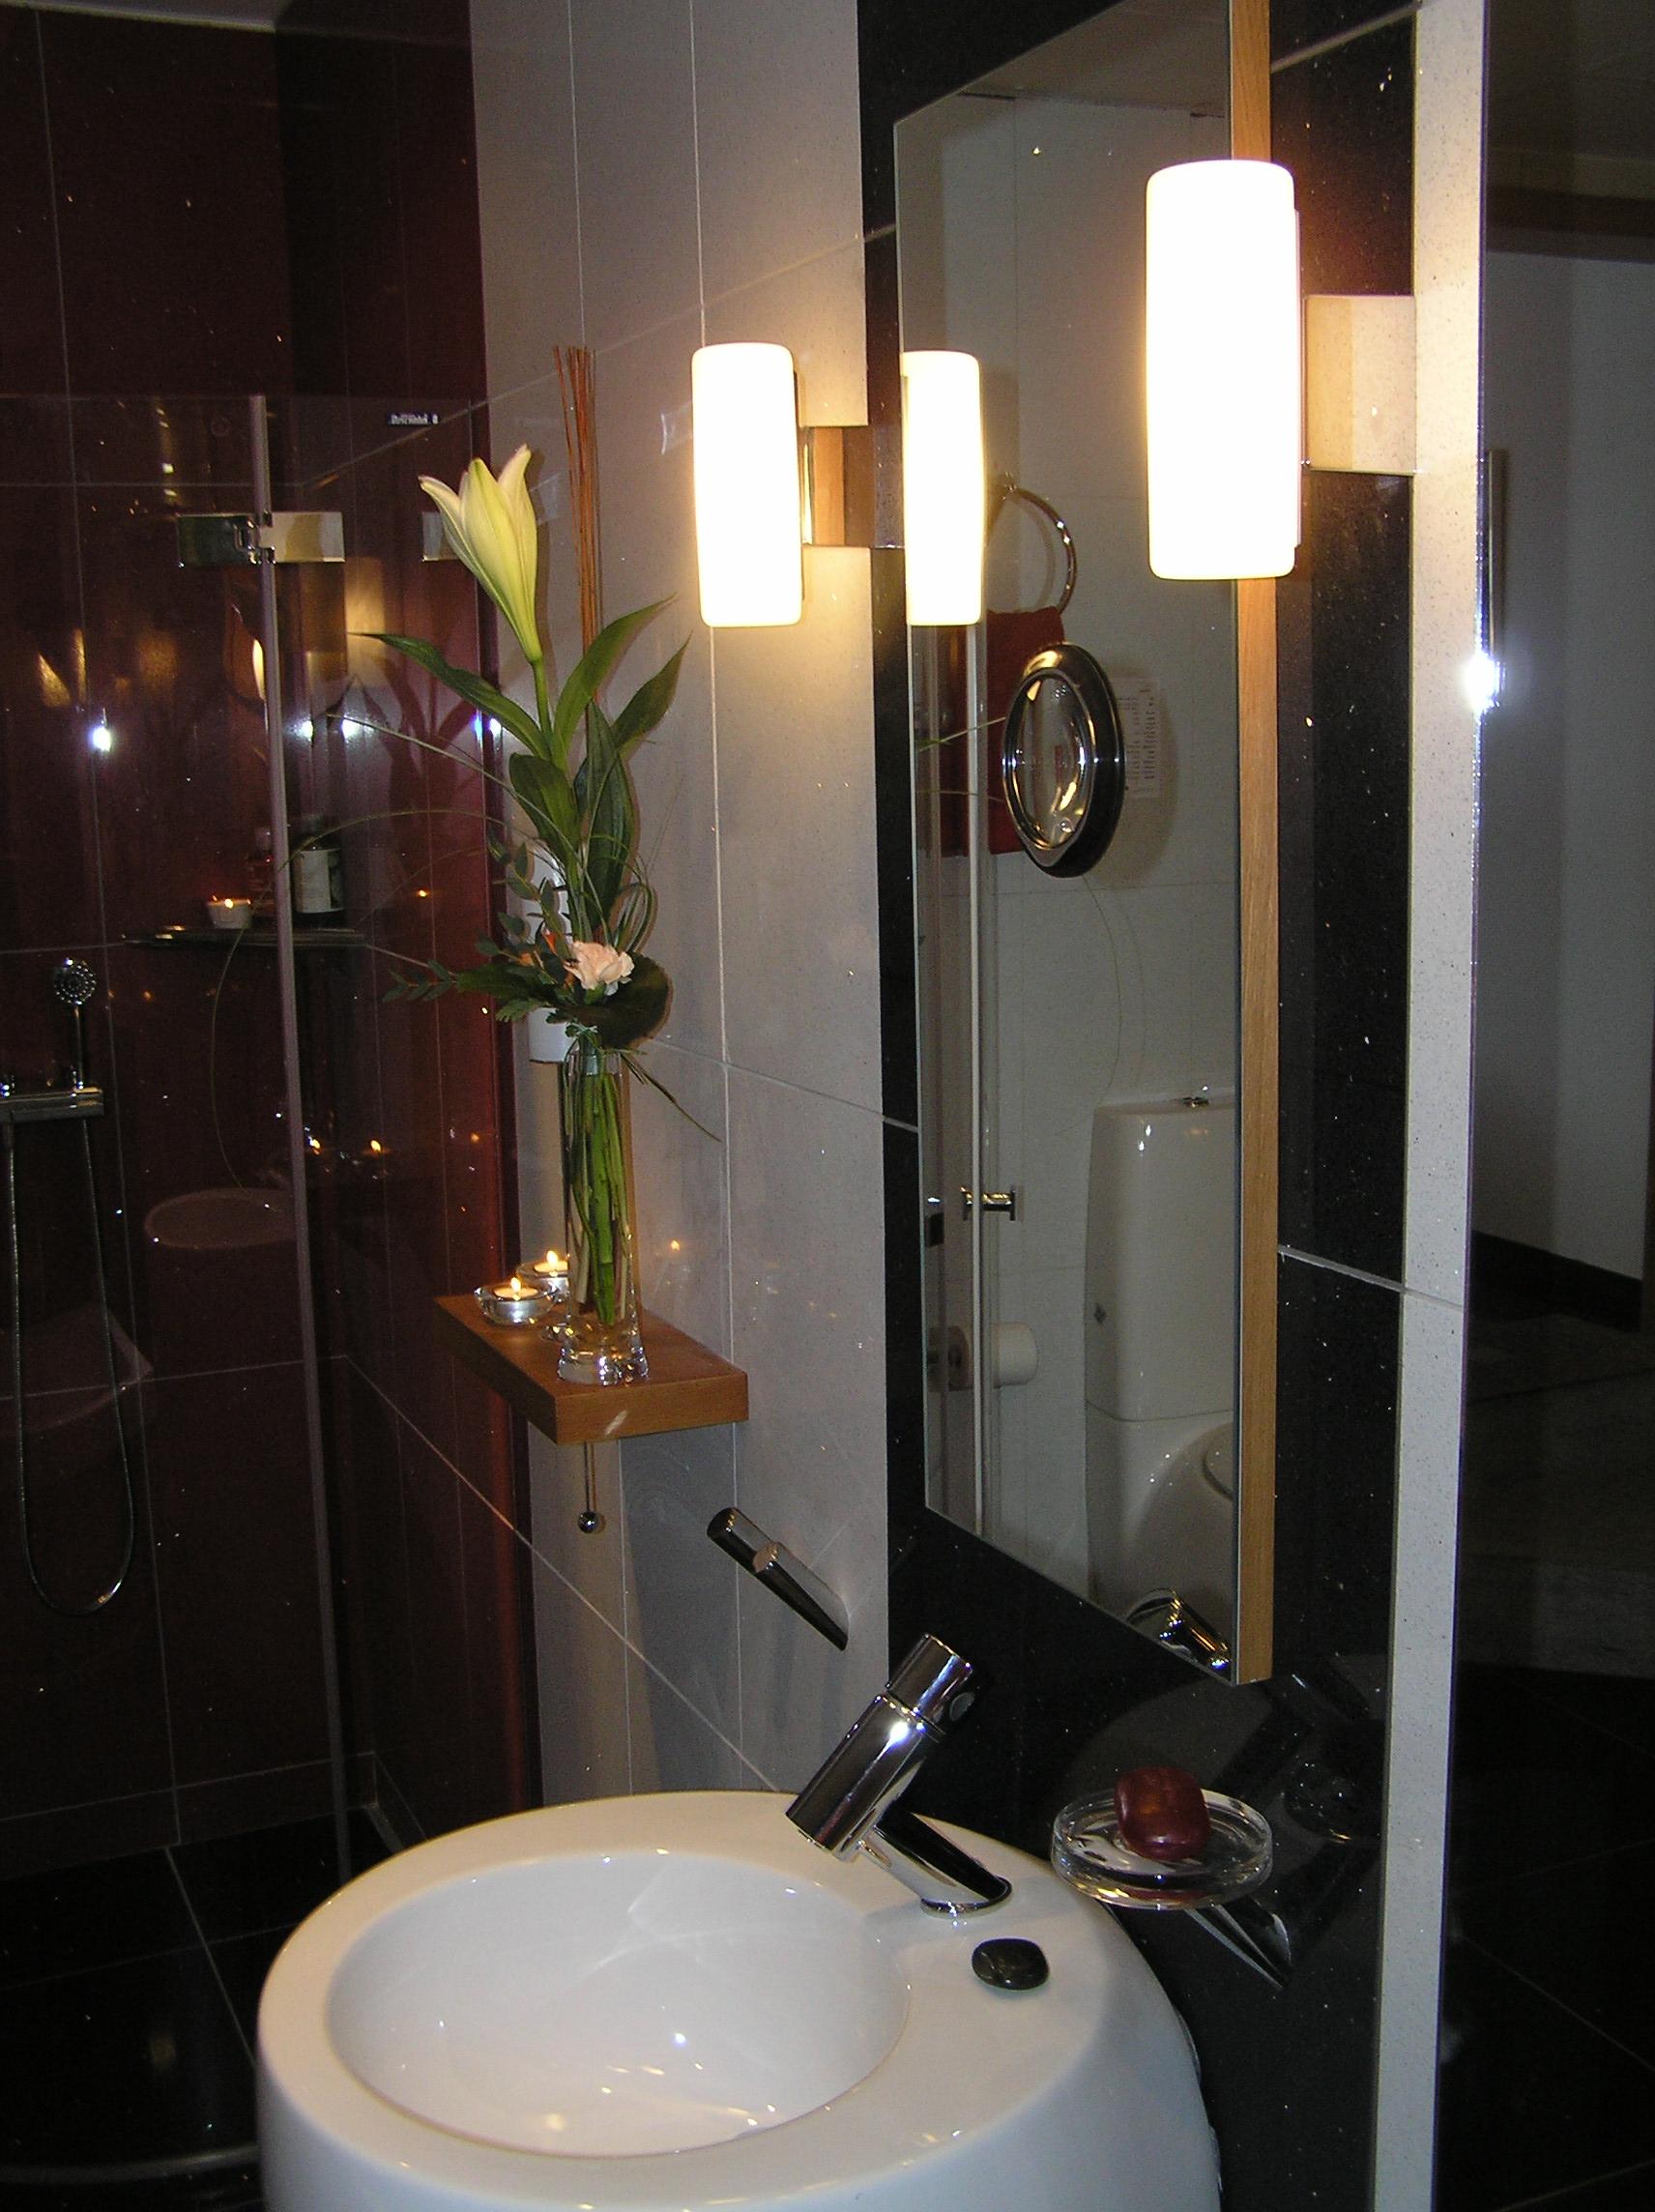 Belysning badrumsspegel ~ xellen.com